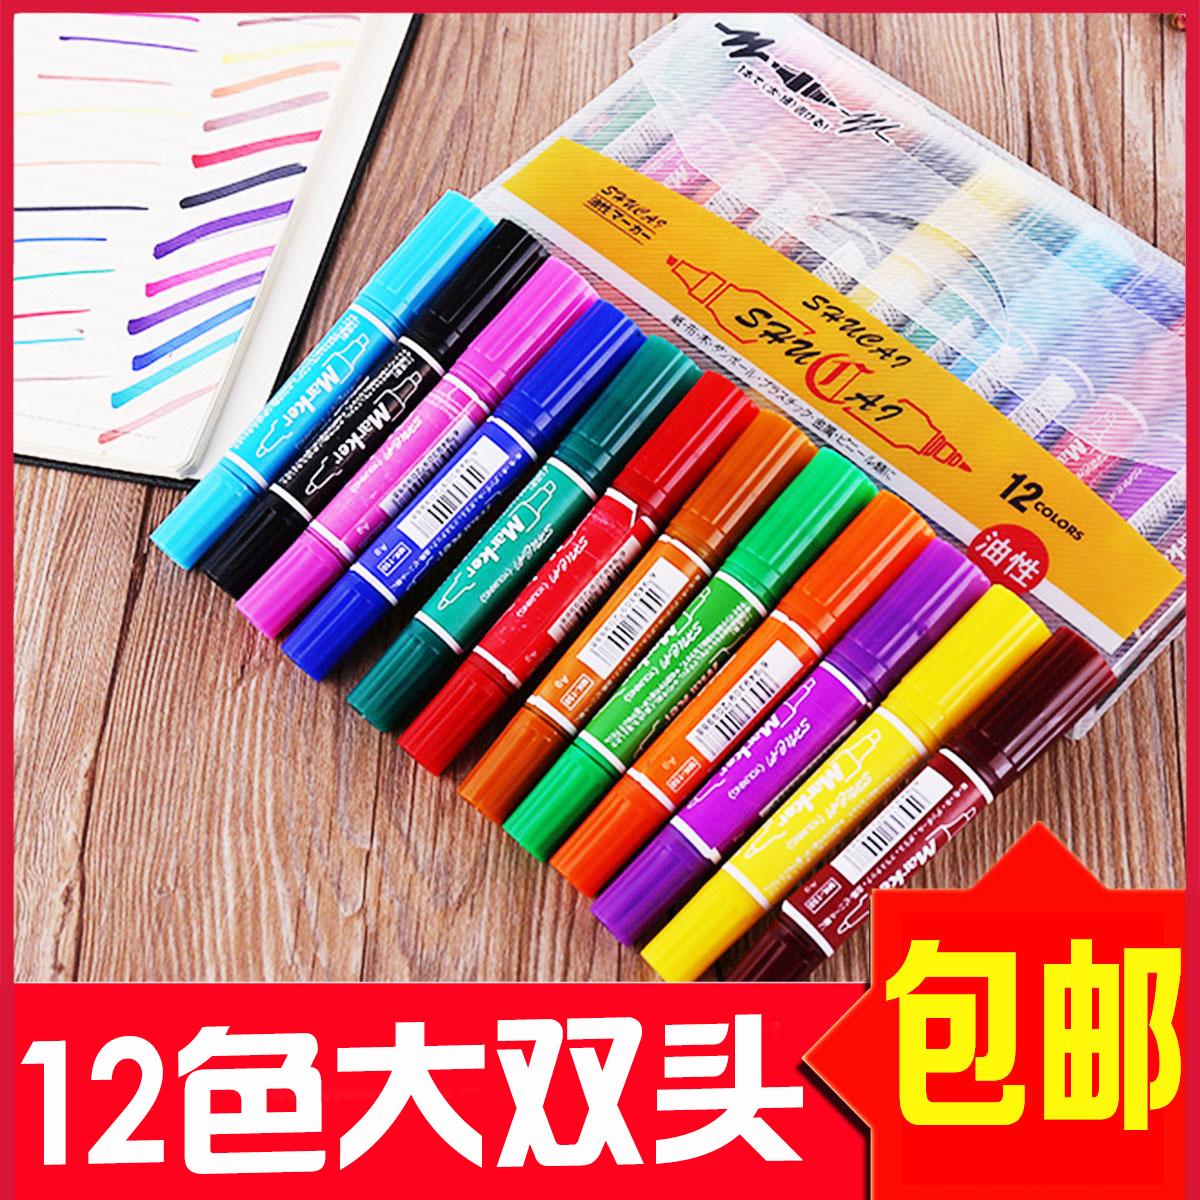 Кот пассажир пометка карандаш цвет 12 цвет цвет карандаш масляный примечания без ручки марк карандаш майк карандаш POP карандаш плакат карандаш